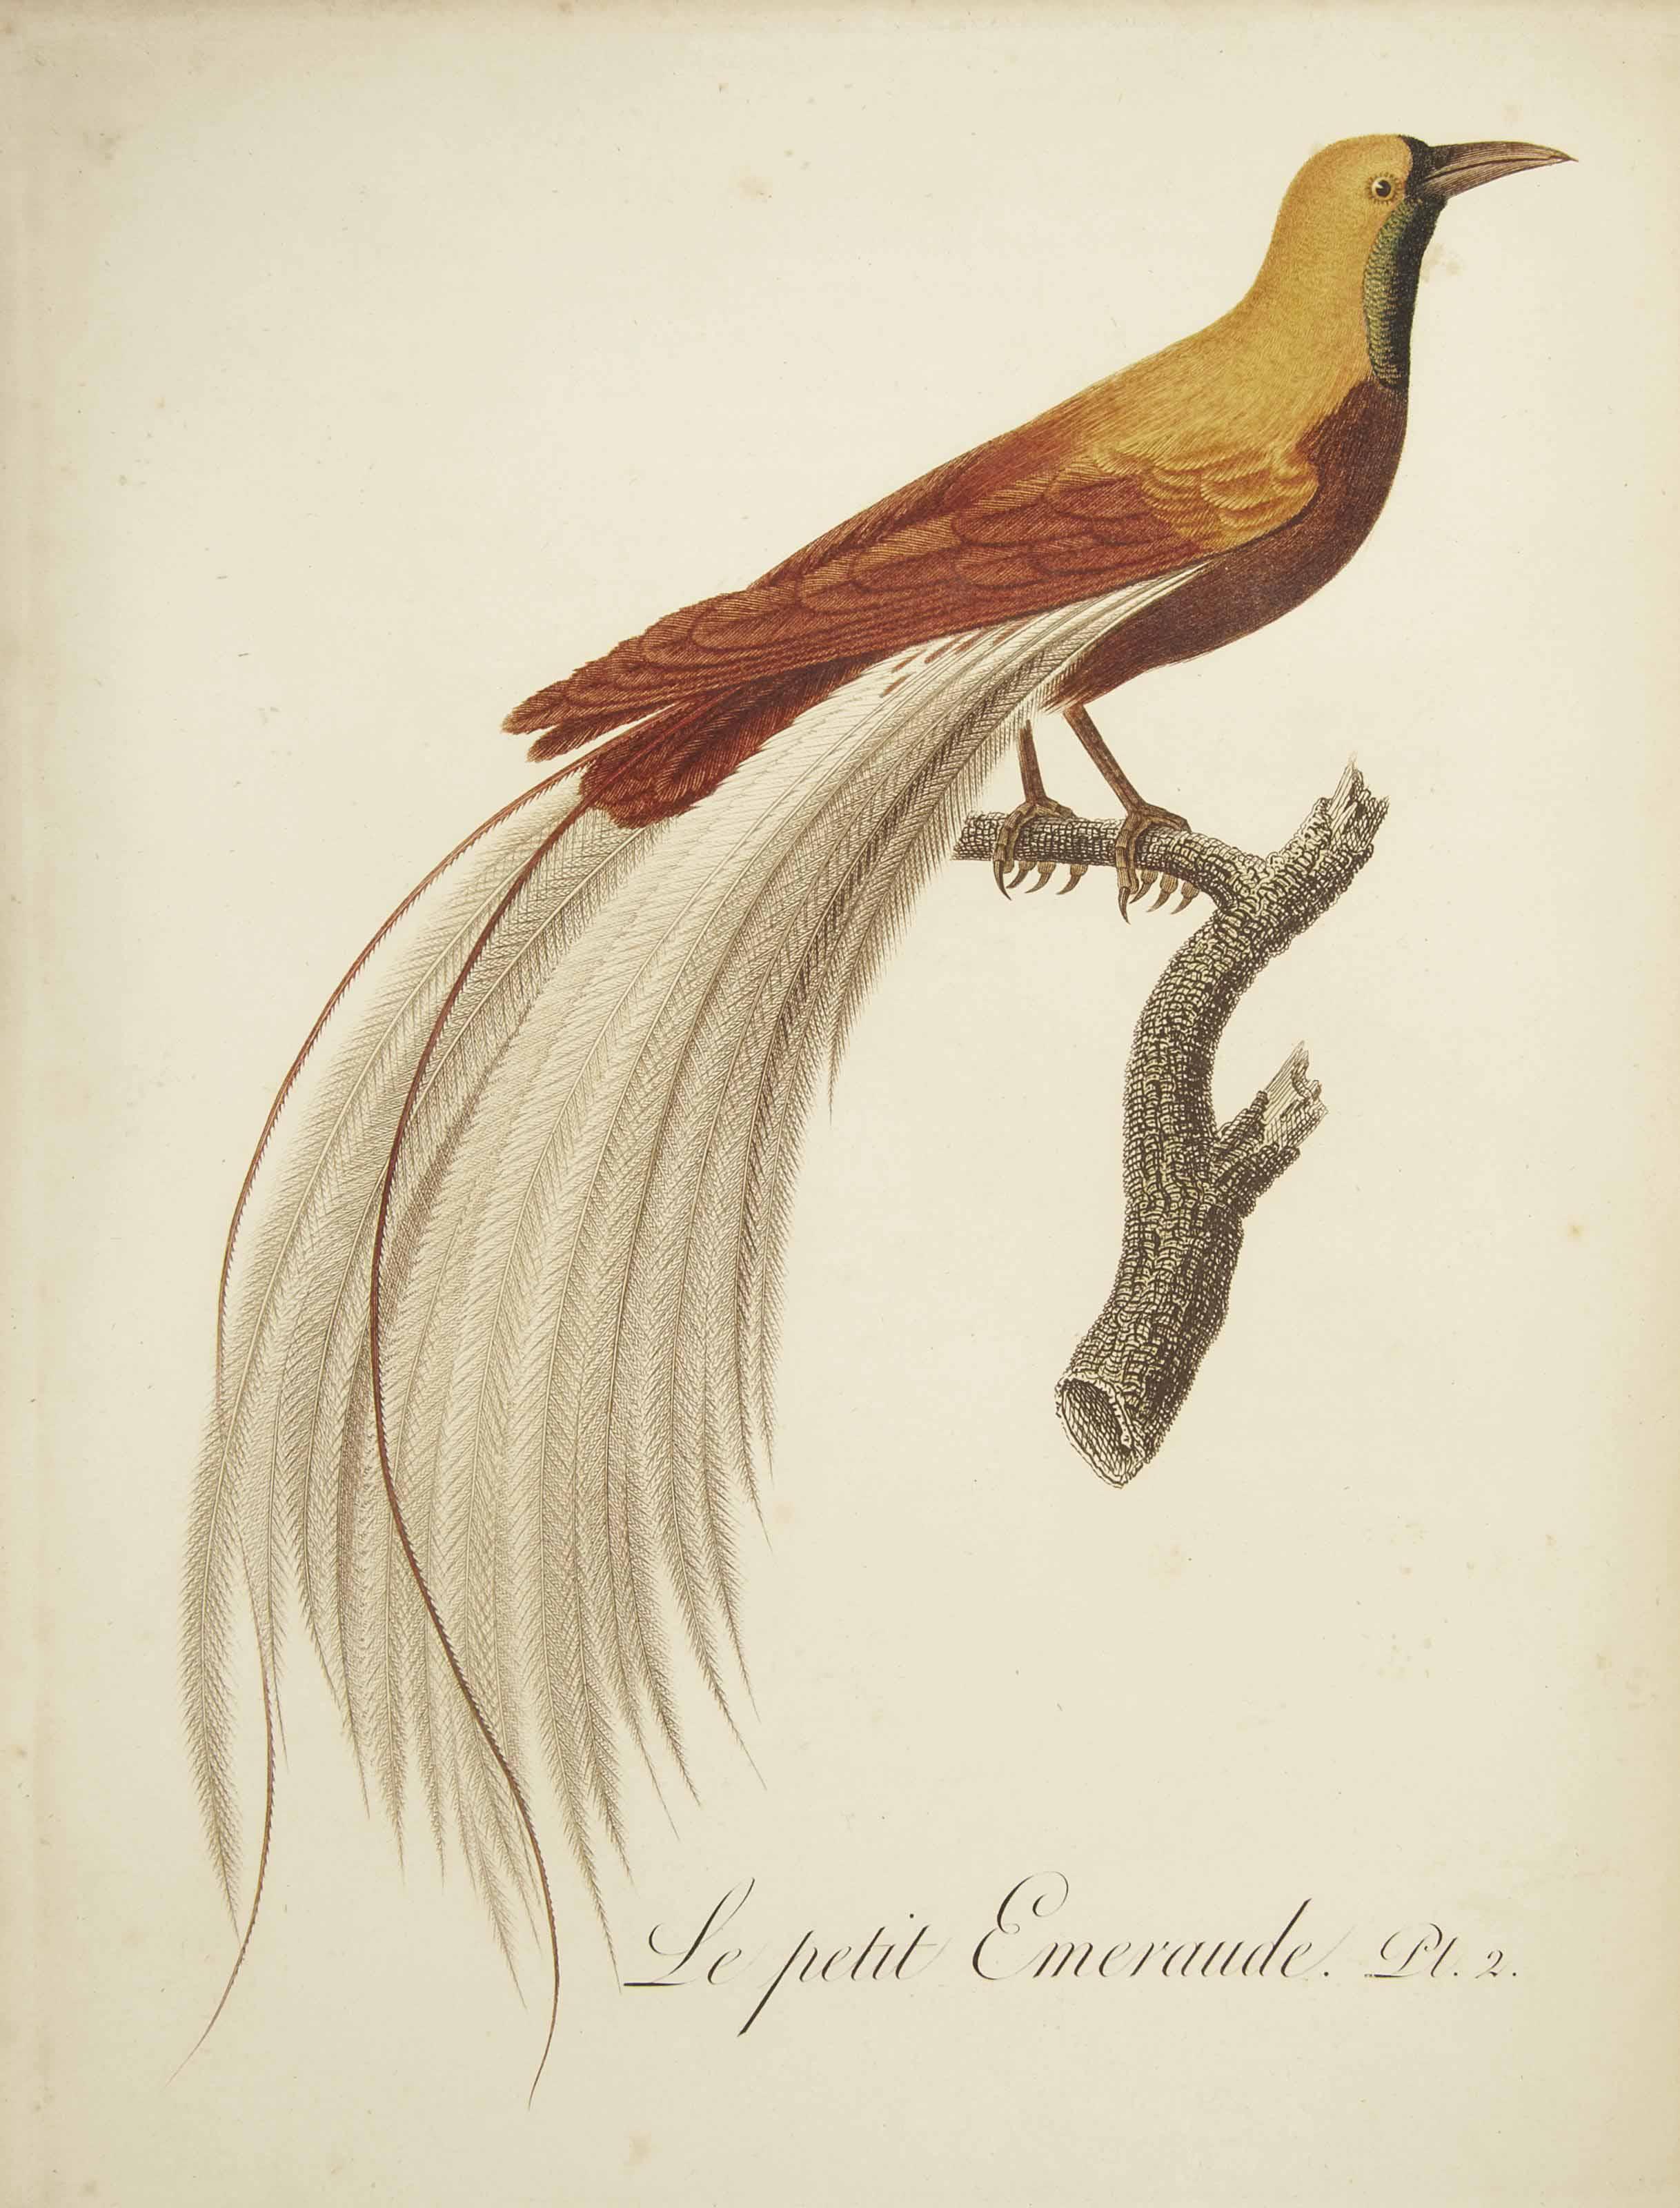 AUDEBERT, Jean-Baptiste (1759-1800) & Louis-Jean-Pierre VIEILLOT (1748-1831). Oiseaux dorés ou à reflets métalliques. I: Histoire naturelle et générale des Colibris, oiseaux-mouches, Jacamars et Promerops. II: ...des Grimpereaux et des oiseaux de paradis. Paris: Crapelet pour Desray, An XI=1802.